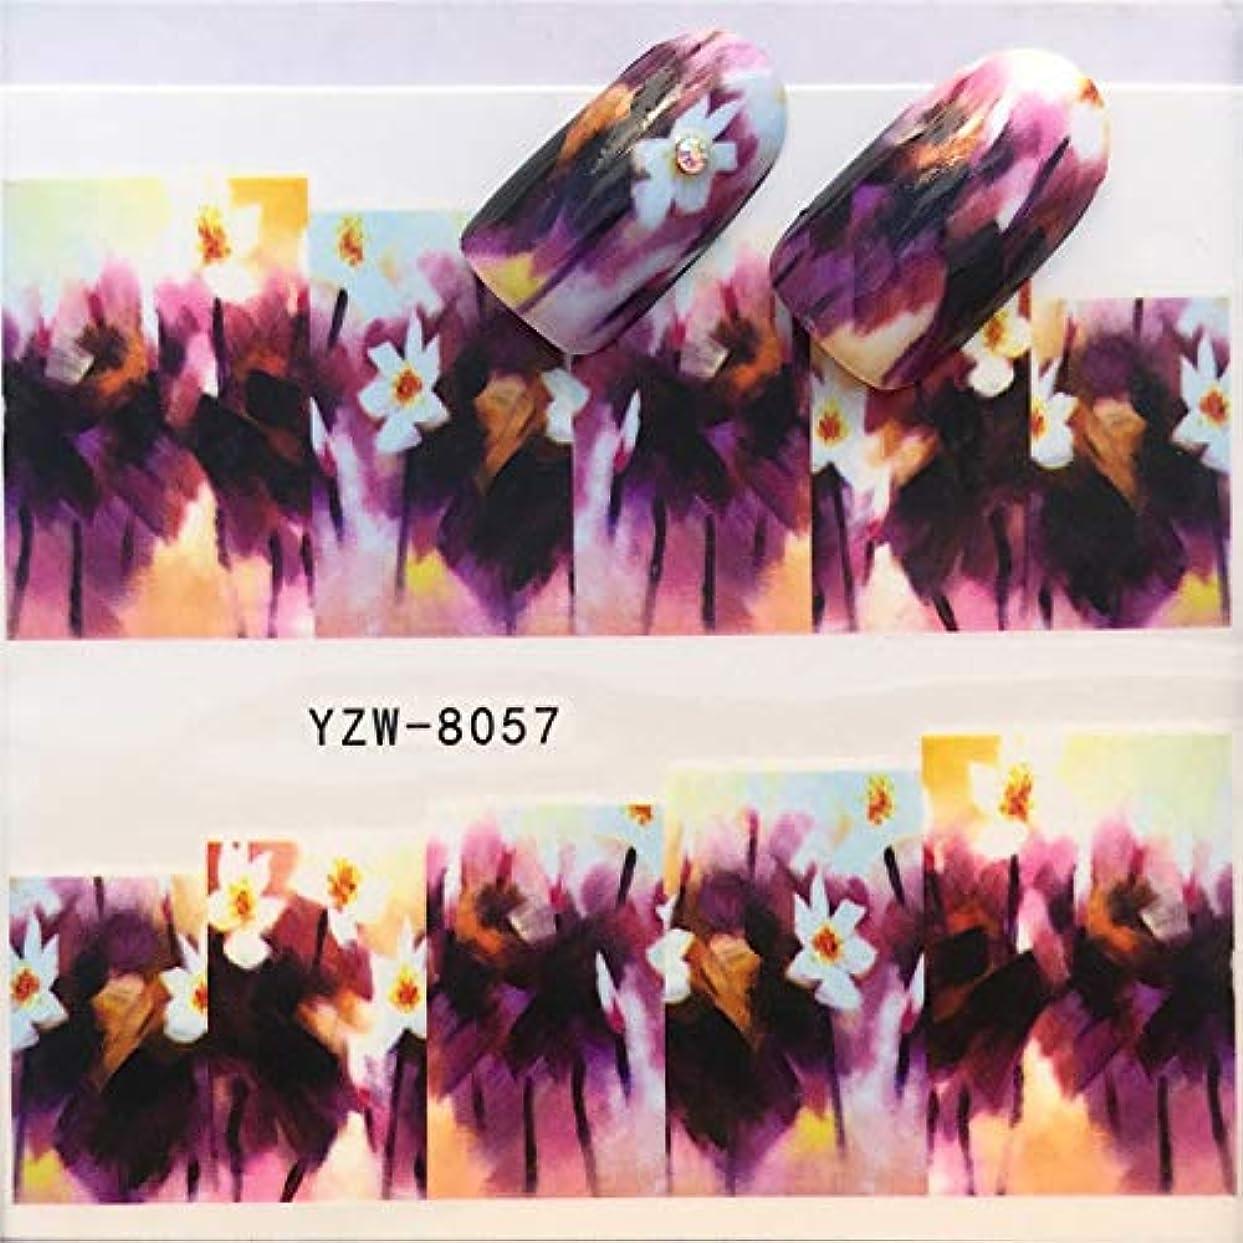 合図気づかない一時停止MEI1JIA CELINEZL 3ピースネイルステッカーセットデカールウォータースライダースライダーネイルアートデコレーション、色:YZW8057